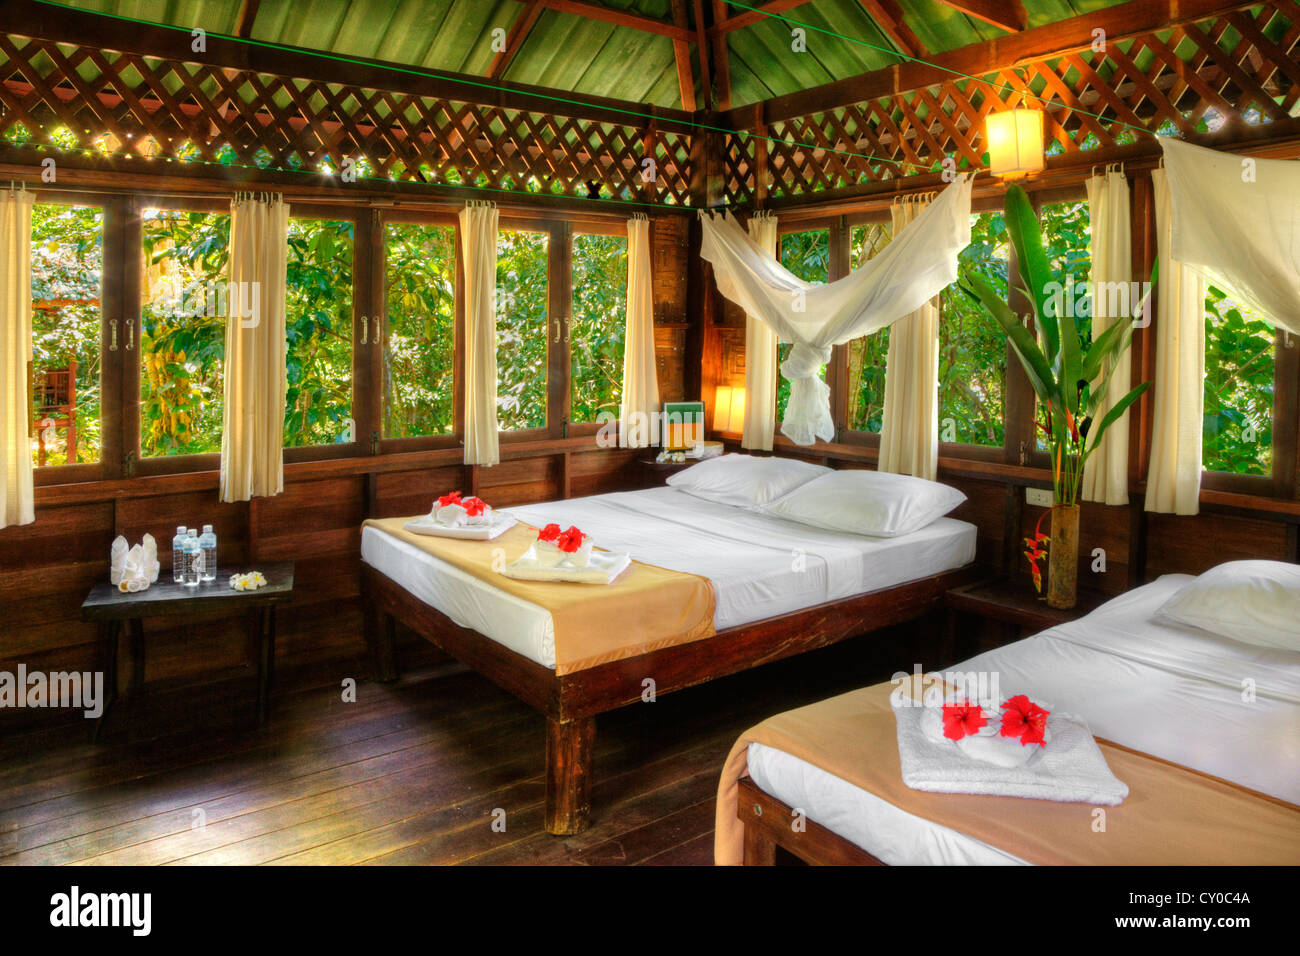 ATREE Haus Interieur im OUR JUNGLE HOUSE eine Lodge im Regenwald in ...